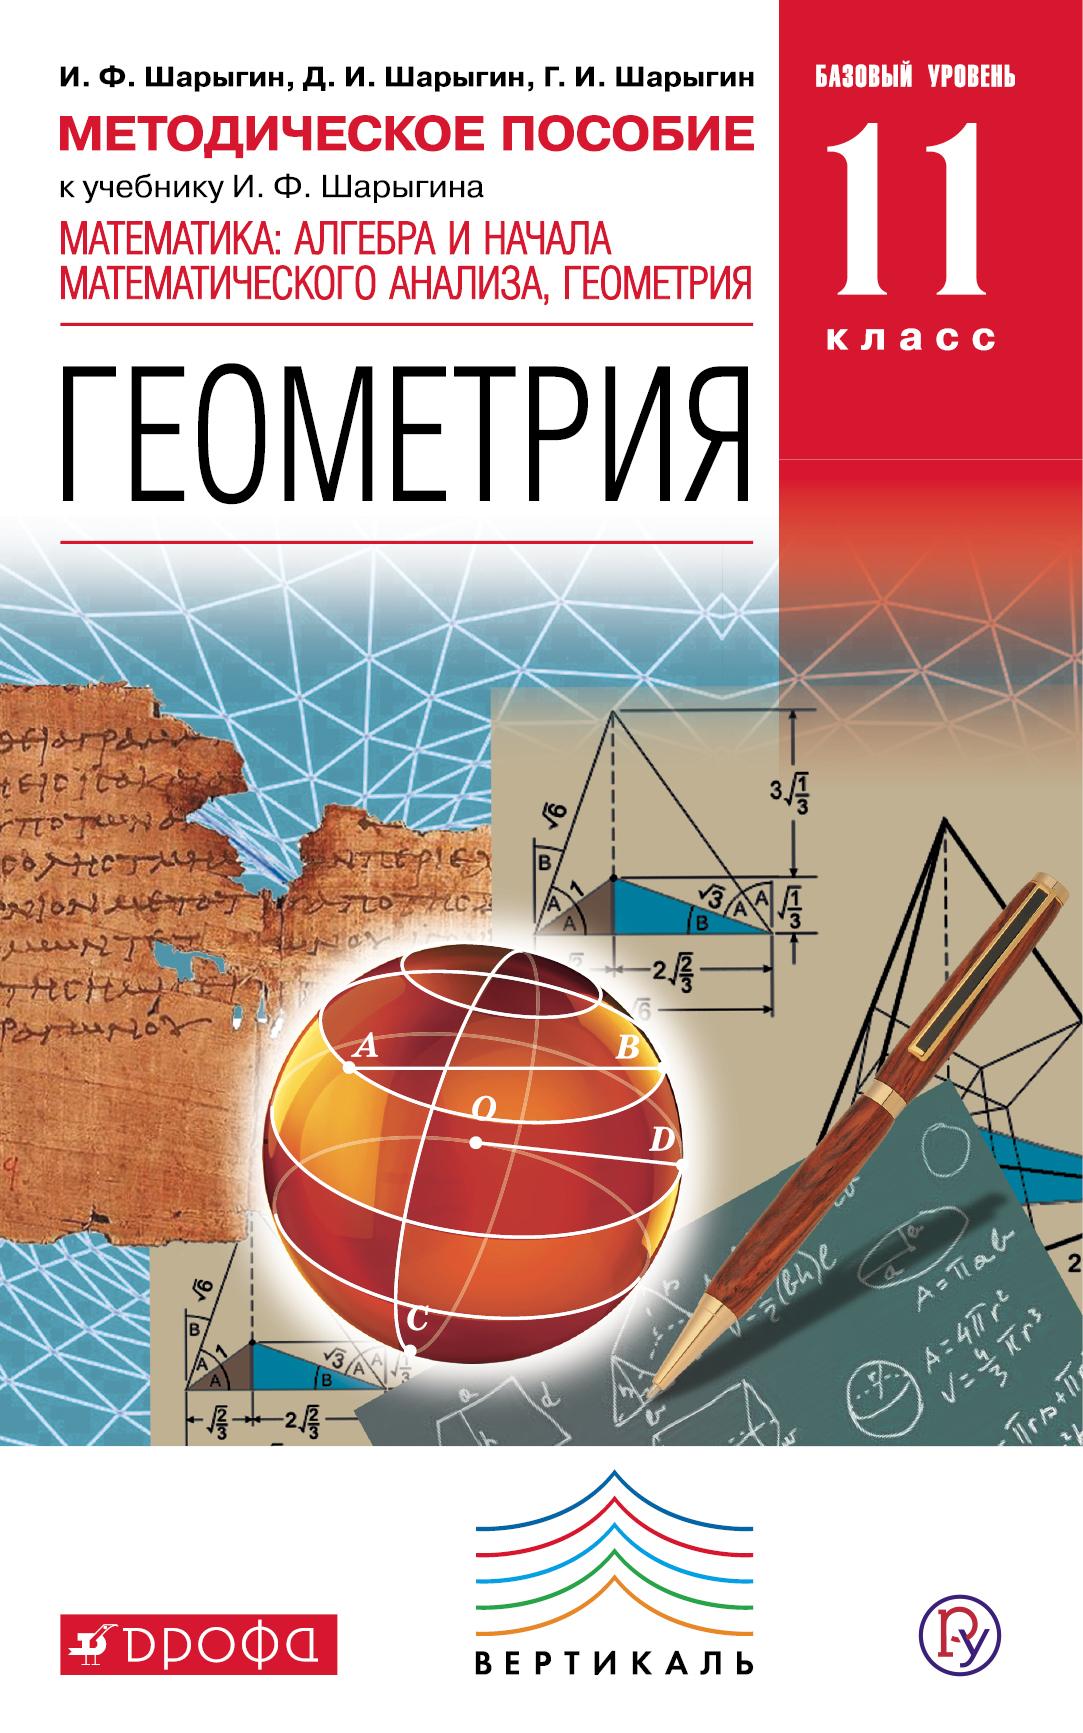 И. Ф. Шарыгин Методическое пособие к учебнику И. Ф. Шарыгина «Математика: алгебра и начала математического анализа, геометрия. Геометрия. Базовый уровень. 11 класс» цена